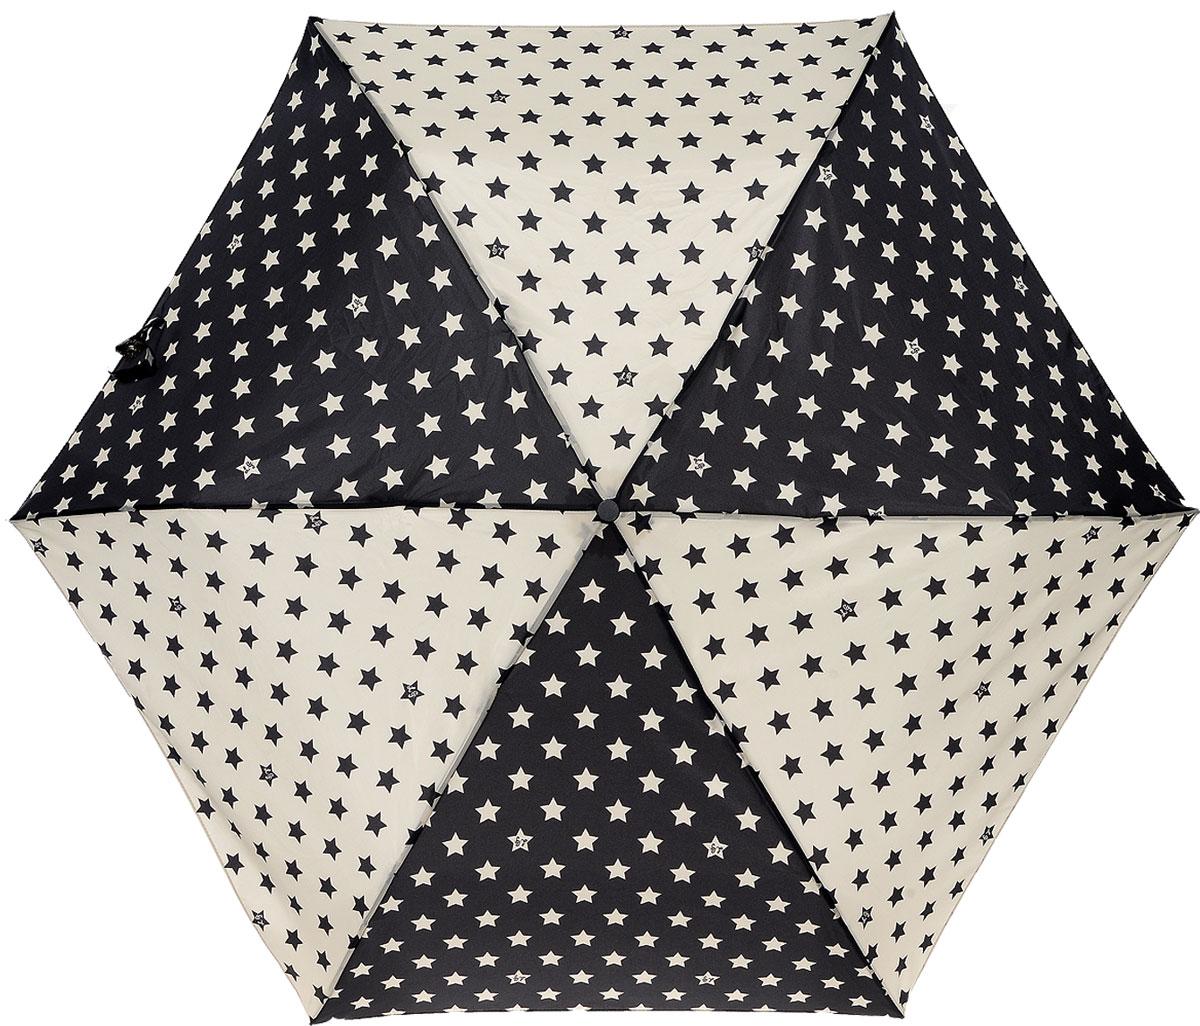 Зонт женский Lulu Guinness Superslim, механический, 3 сложения, цвет: черный, бежевый. L718-268645100019/18303/2900NСтильный механический зонт Lulu Guinness Superslim в 3 сложения даже в ненастную погоду позволит вам оставаться элегантной. Облегченный каркас зонта выполнен из 6 спиц из фибергласса и алюминия, стержень также изготовлен из алюминия, удобная рукоятка - из пластика. Купол зонта выполнен из прочного полиэстера. В закрытом виде застегивается хлястиком на кнопке. Яркий оригинальный принт в виде звезд поднимет настроение в дождливый день.Зонт механического сложения: купол открывается и закрывается вручную до характерного щелчка.На рукоятке для удобства есть небольшой шнурок, позволяющий надеть зонт на руку тогда, когда это будет необходимо. К зонту прилагается чехол, который застегивается на липучку. Чехол оформлен нашивкой с названием бренда. Такой зонт компактно располагается в кармане, сумочке, дверке автомобиля.